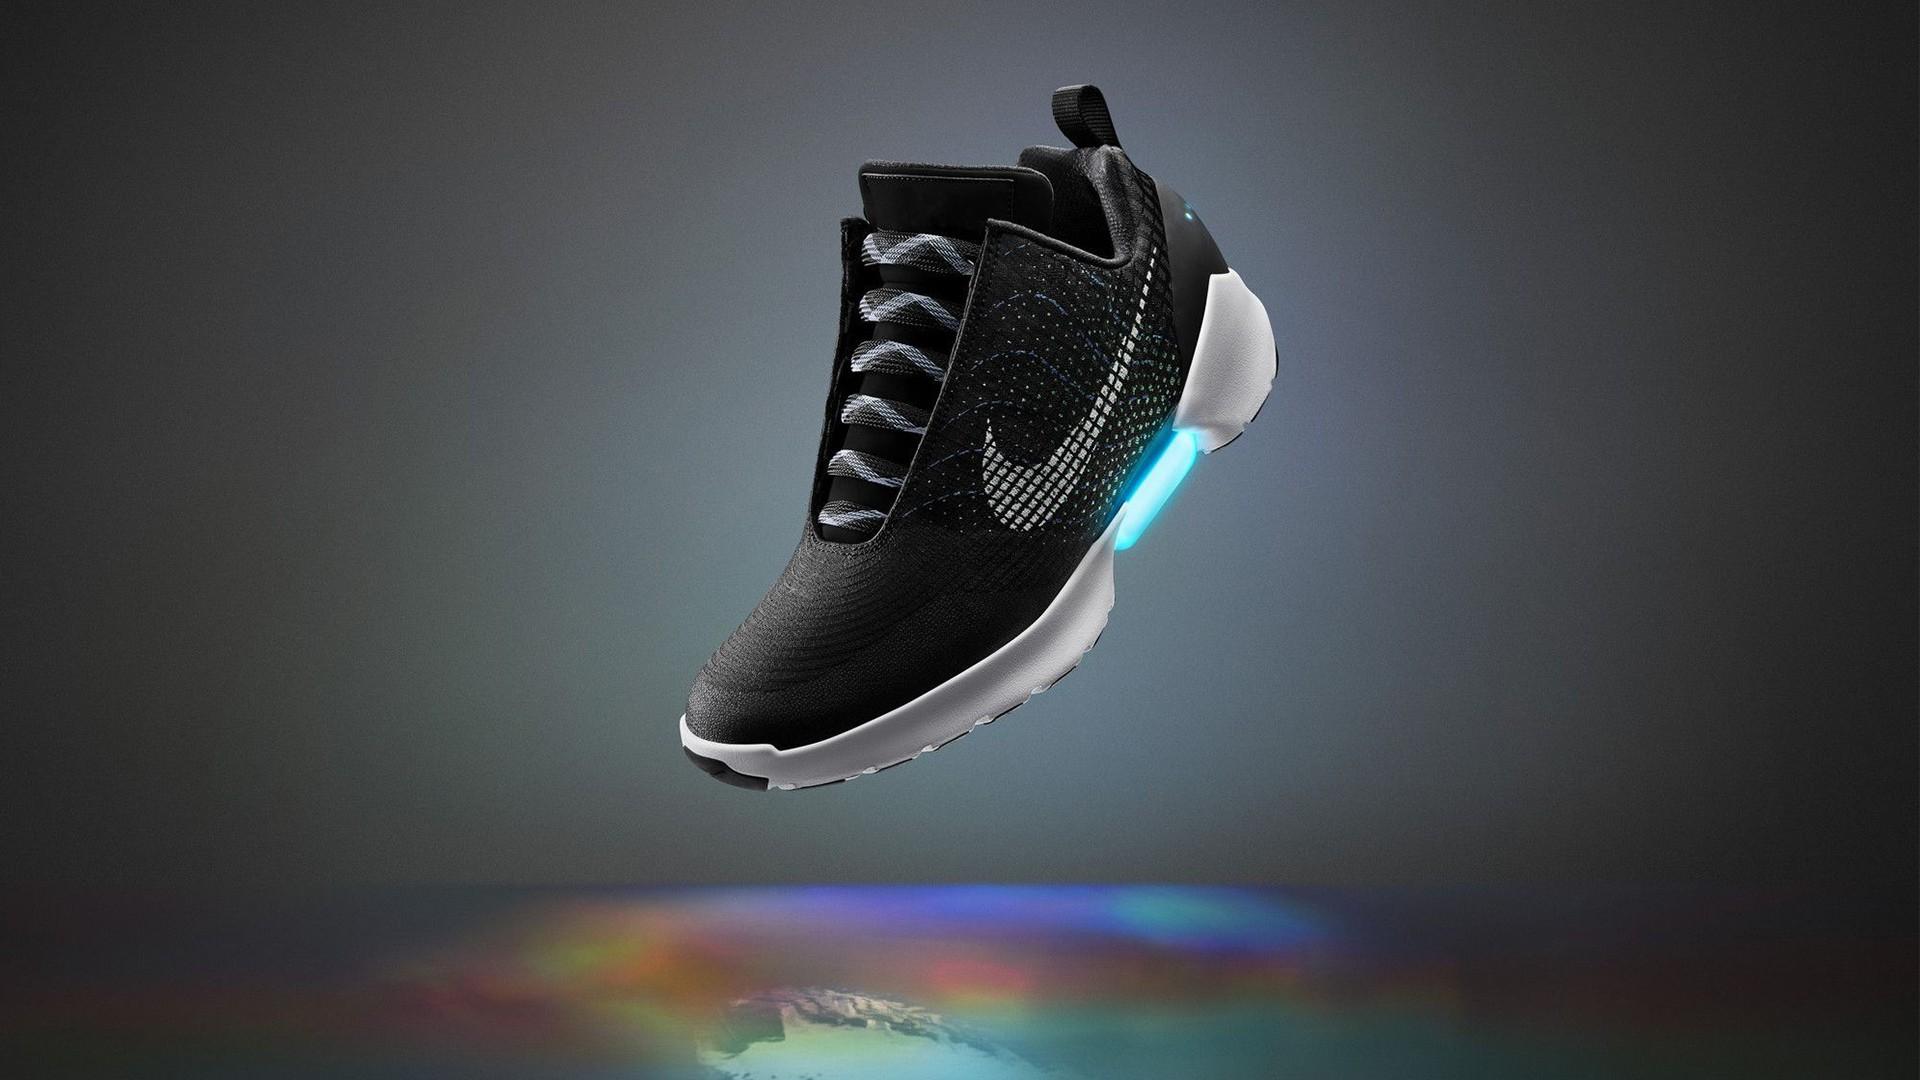 Nike випустить нові кросівки ec6050d3ab1e1